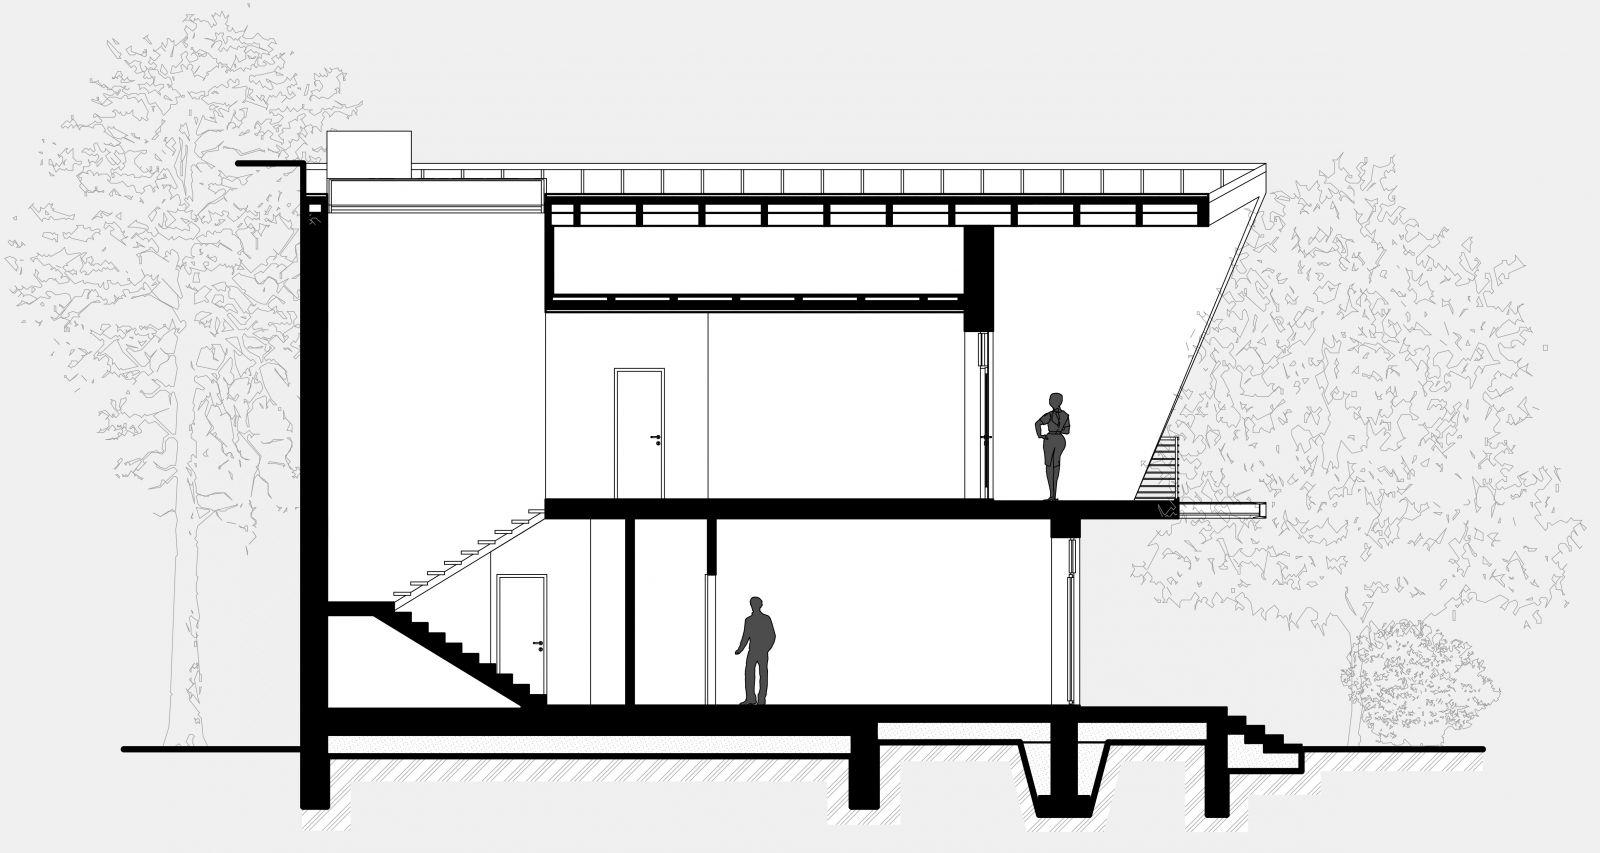 розріз планування двоповерхового будинку